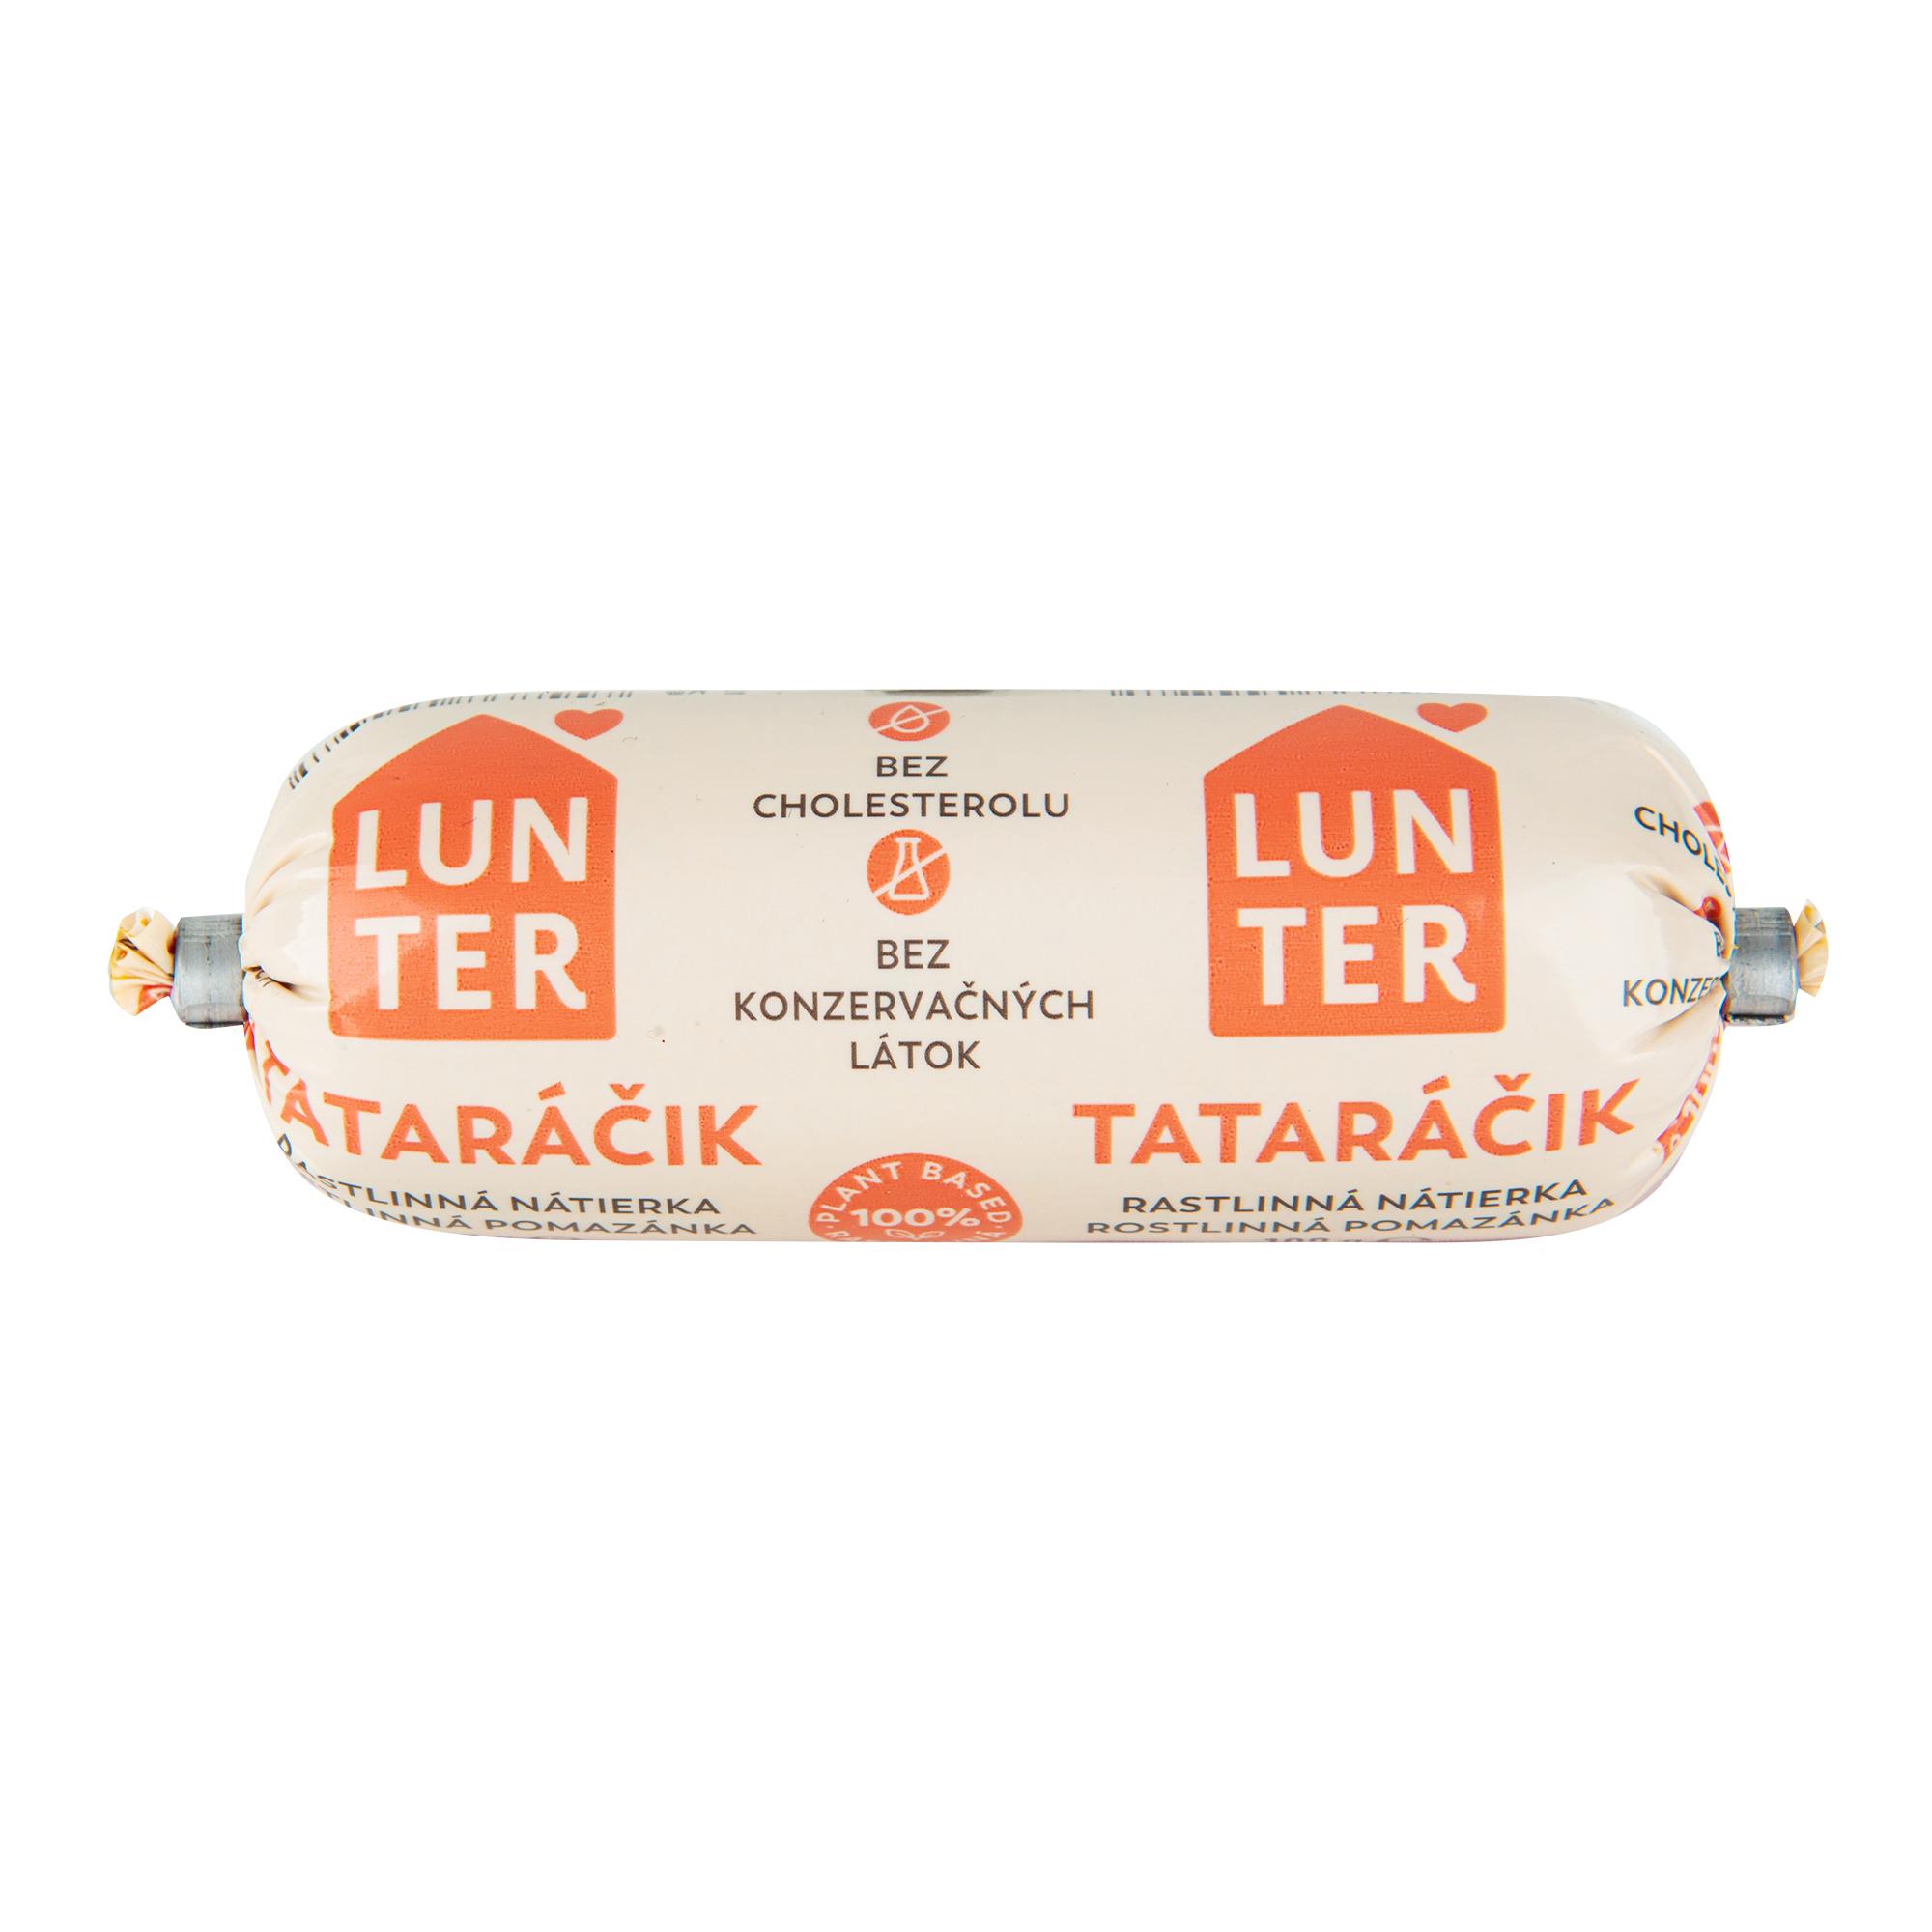 Svačinka tataráček 100g